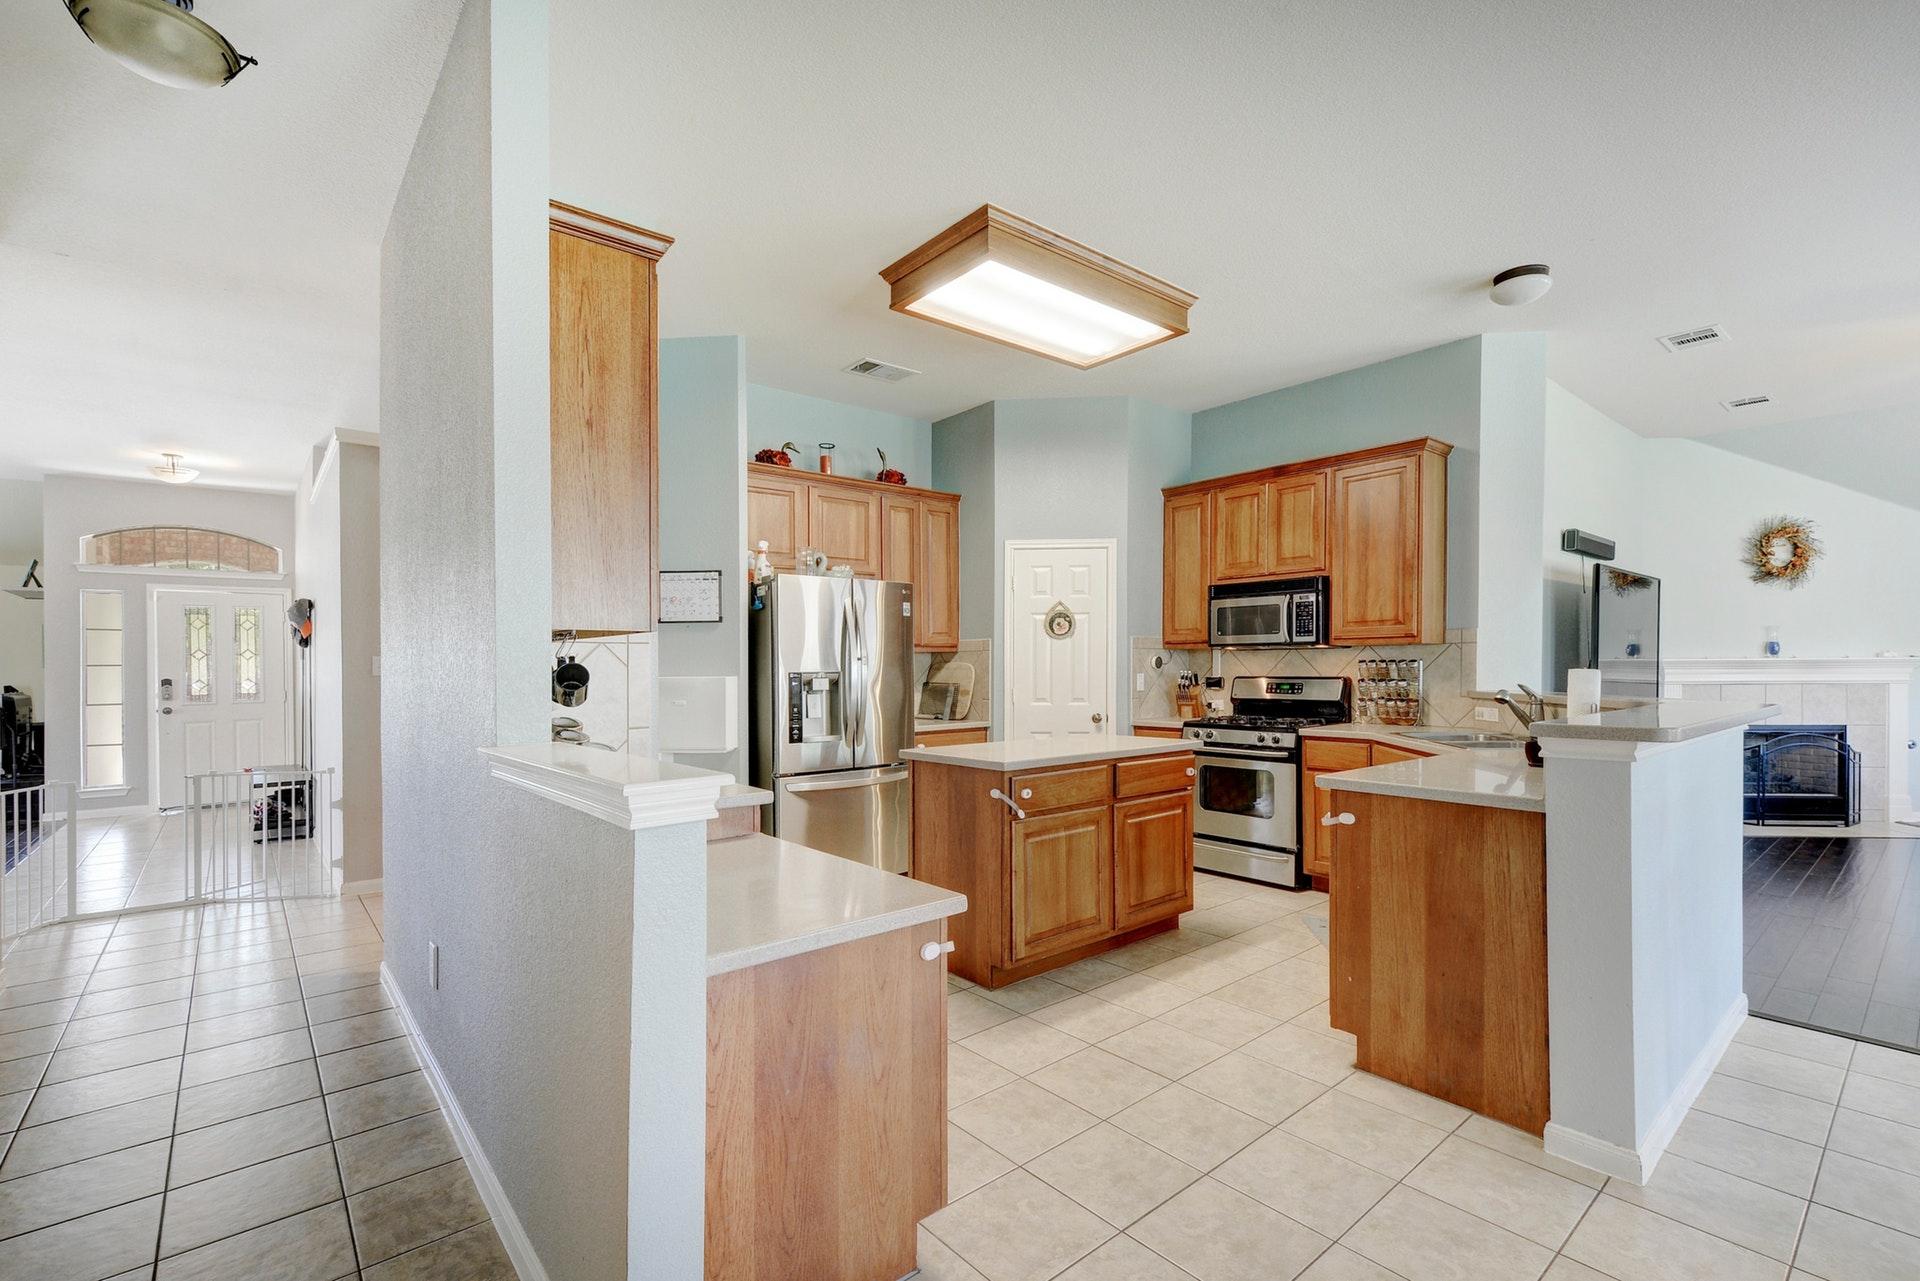 012-267551-Kitchen 002_6233379.jpg